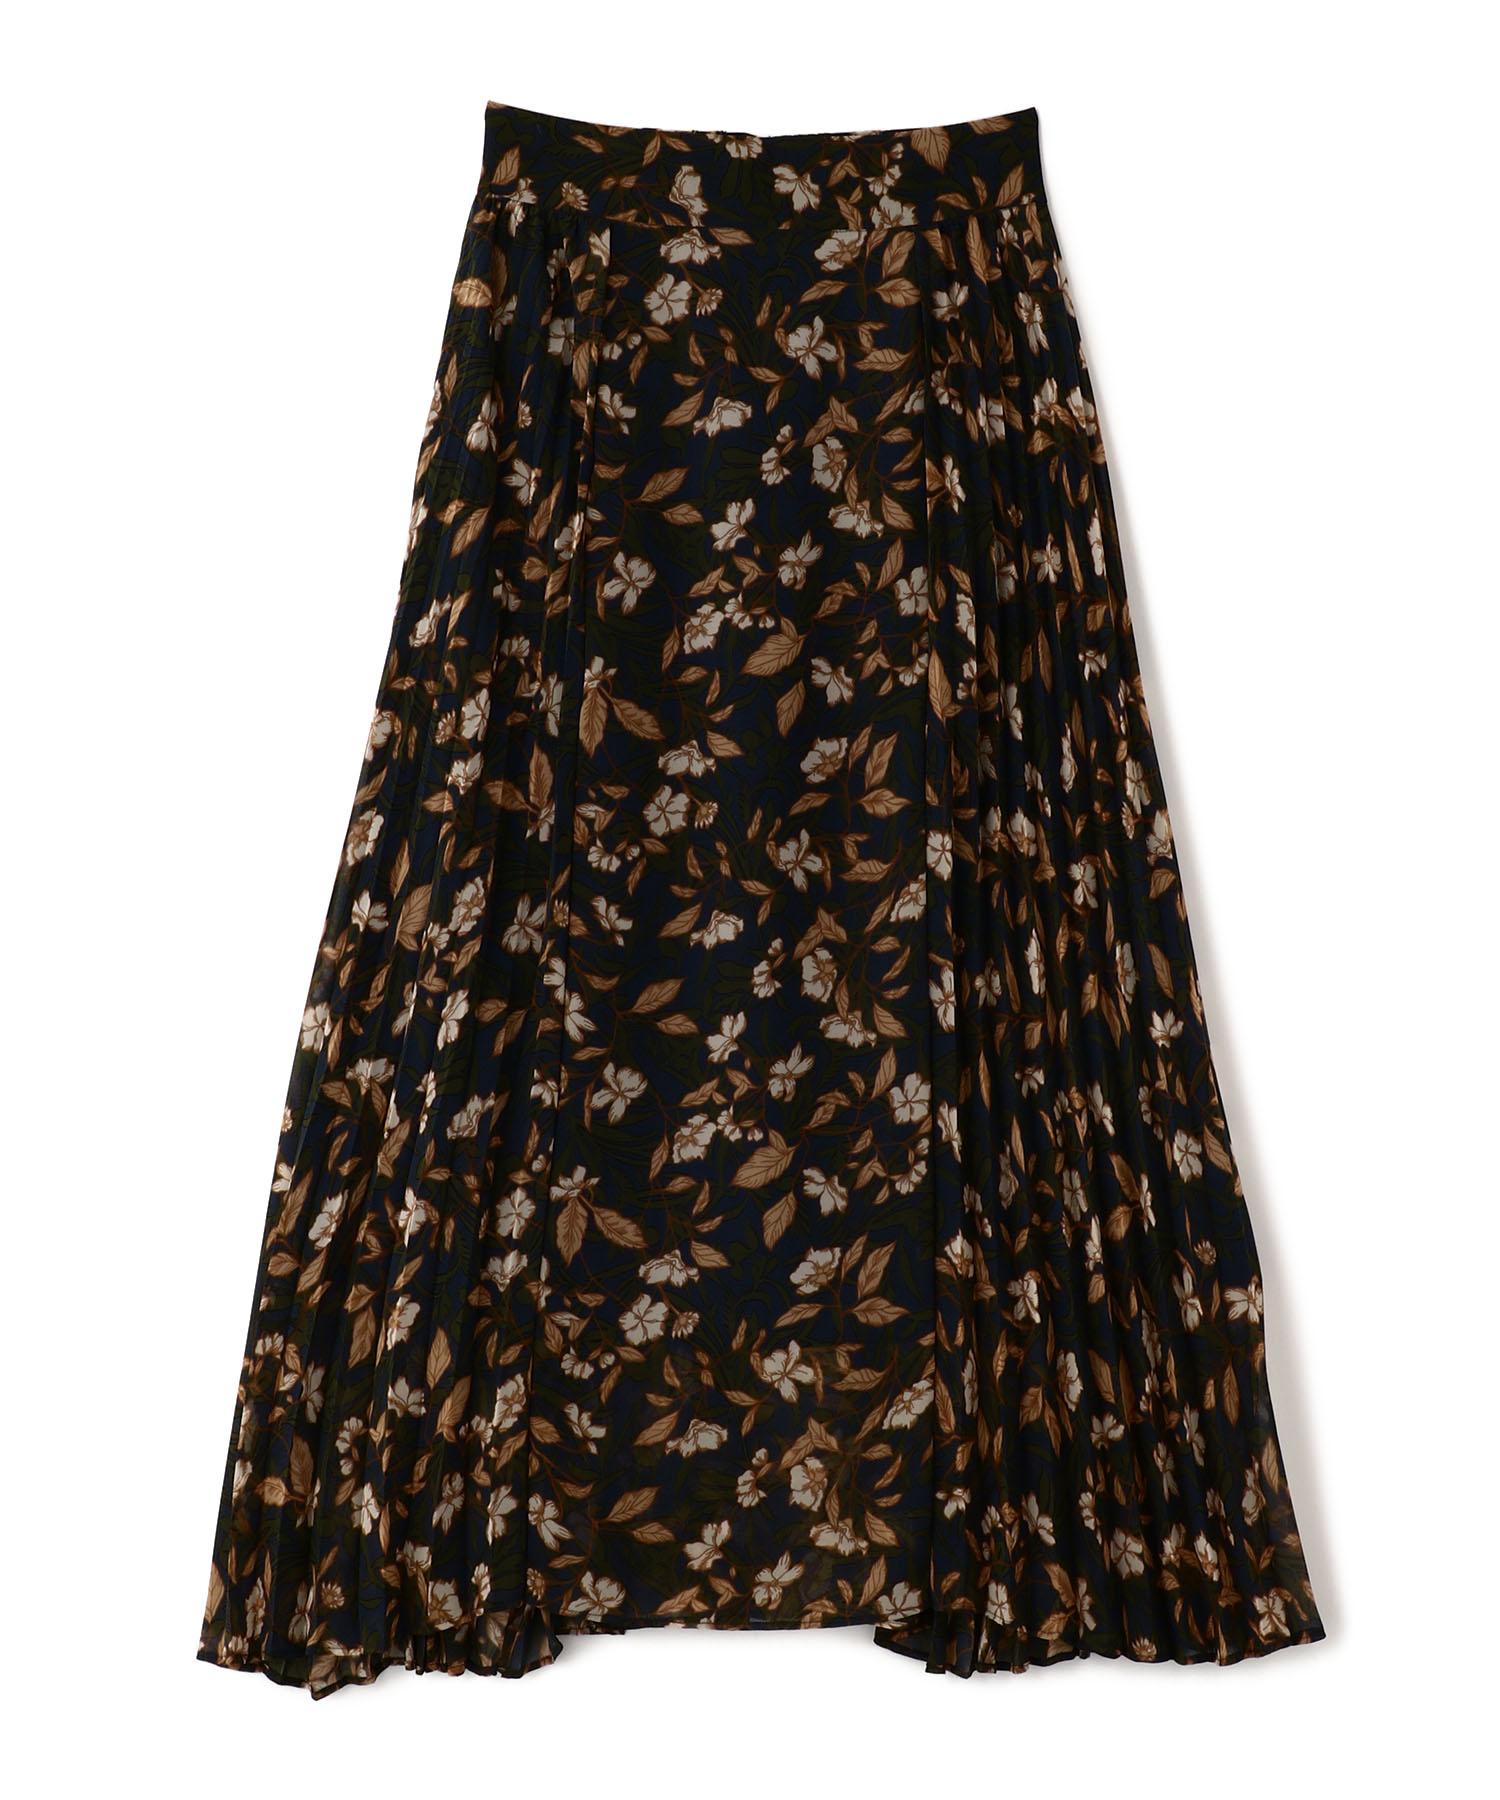 ボタニカルプリーツスカート